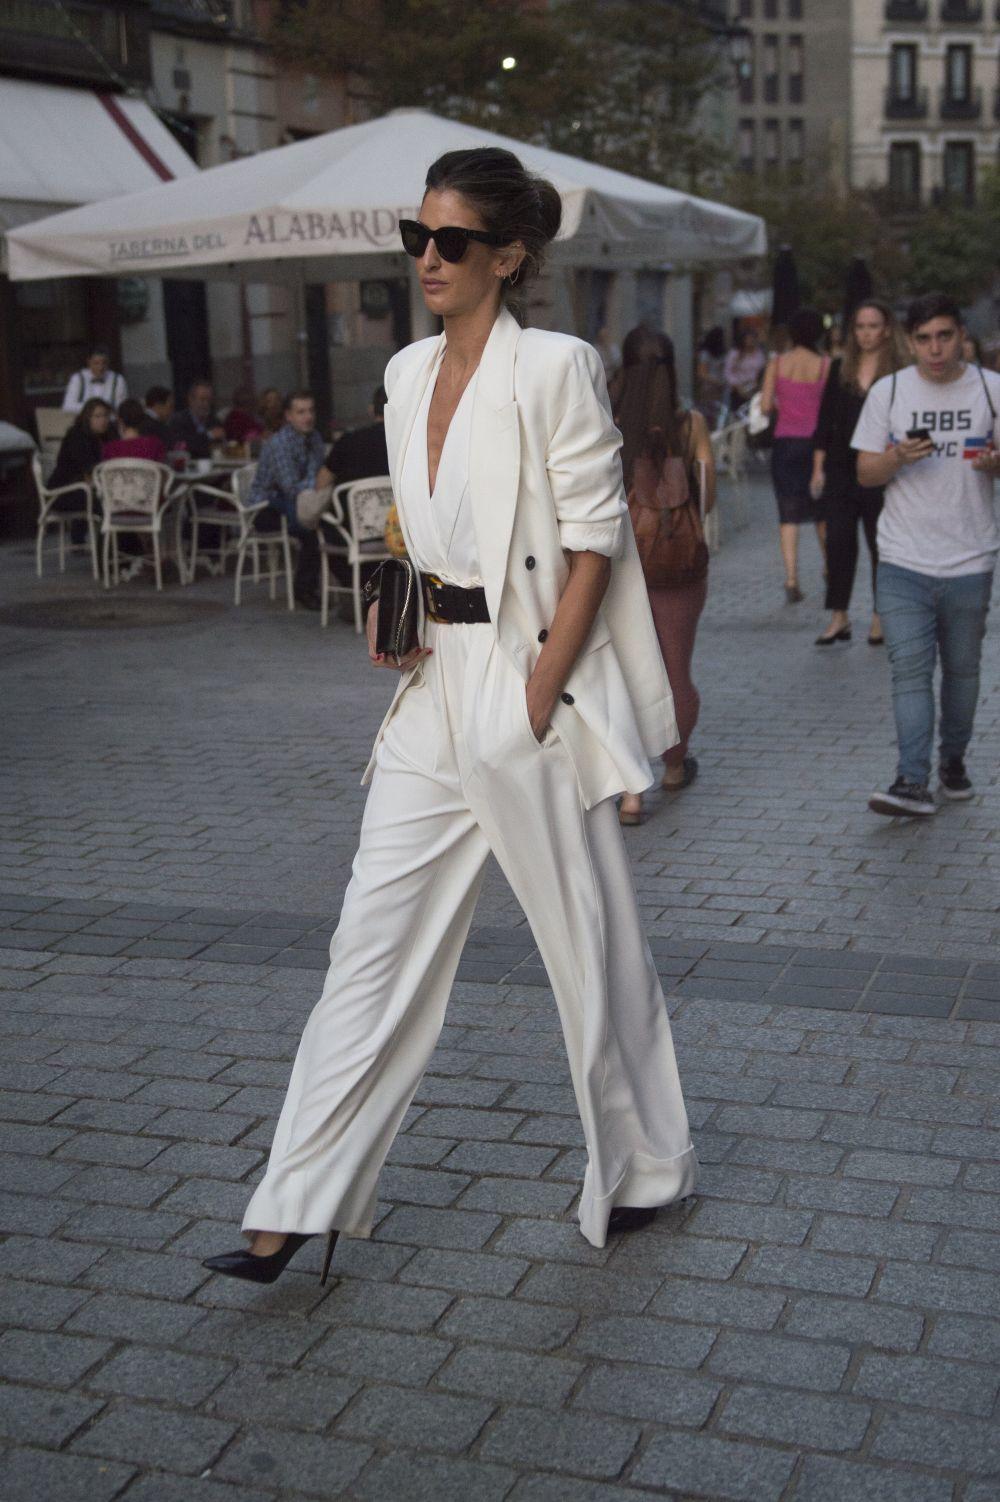 Inés Domecq con un sastre blanco.